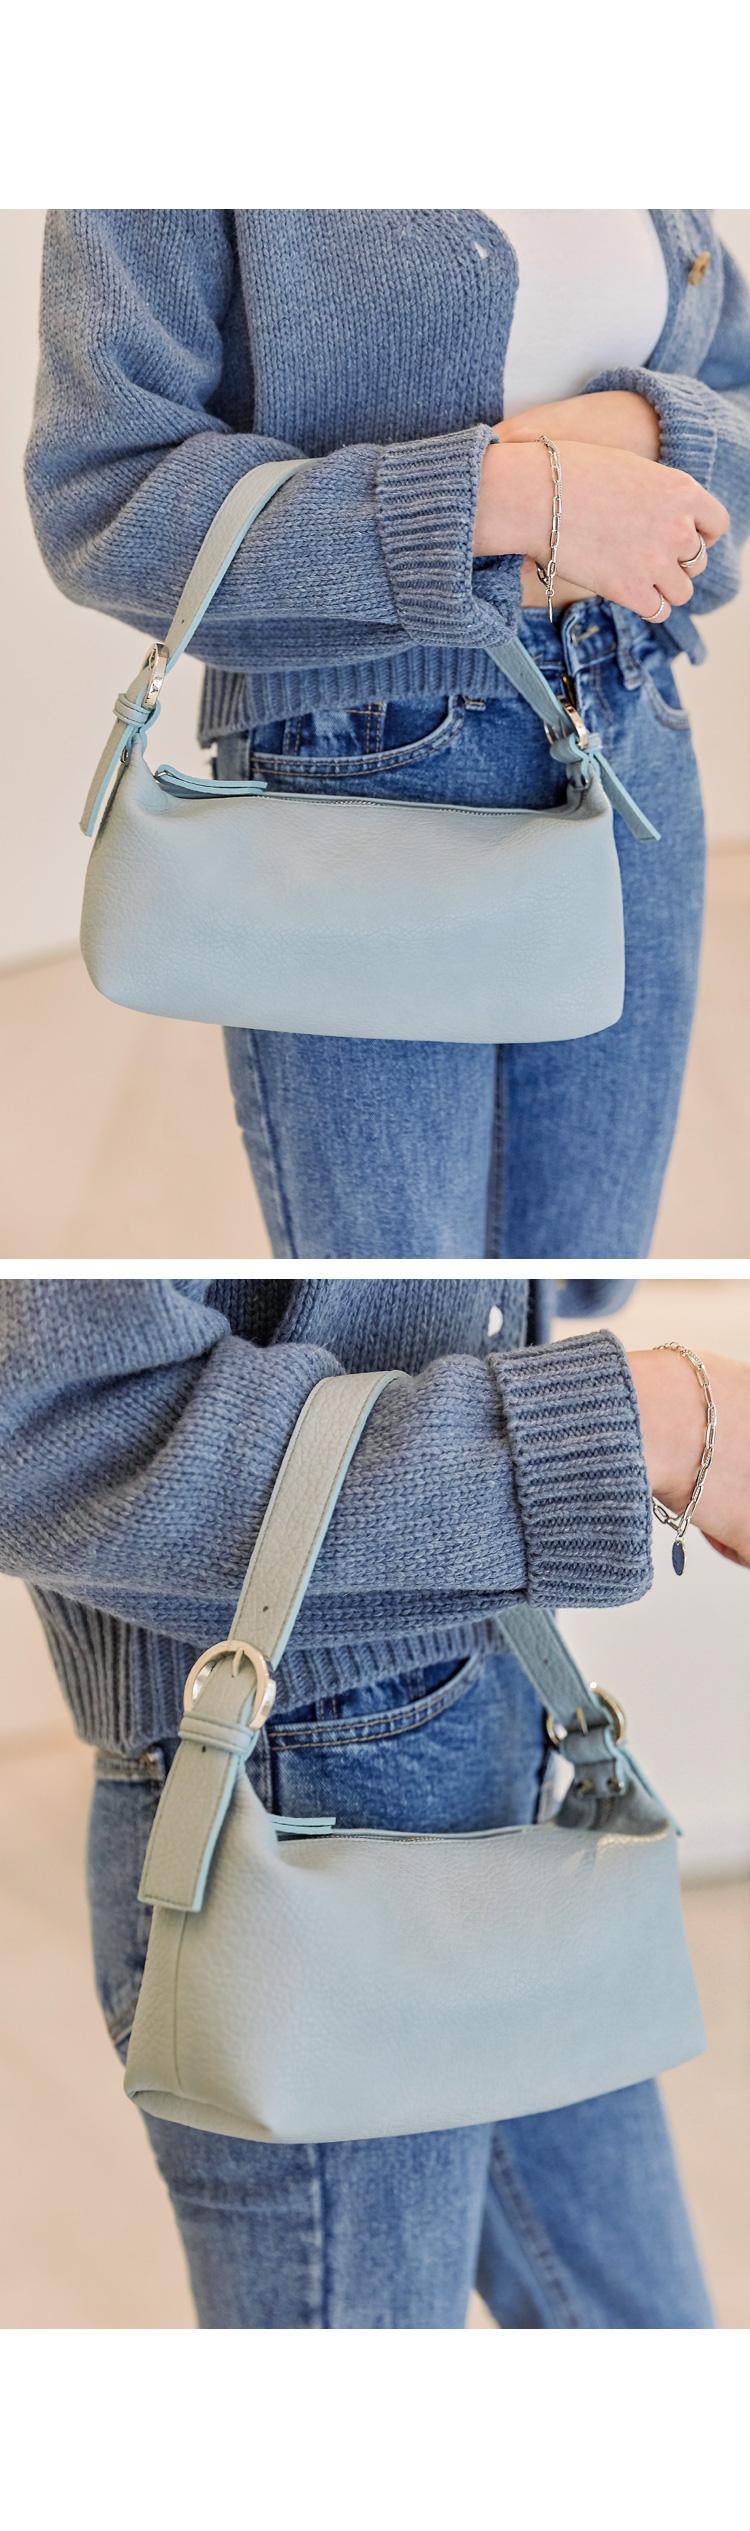 圓圈釦飾拉鍊長方手提小包